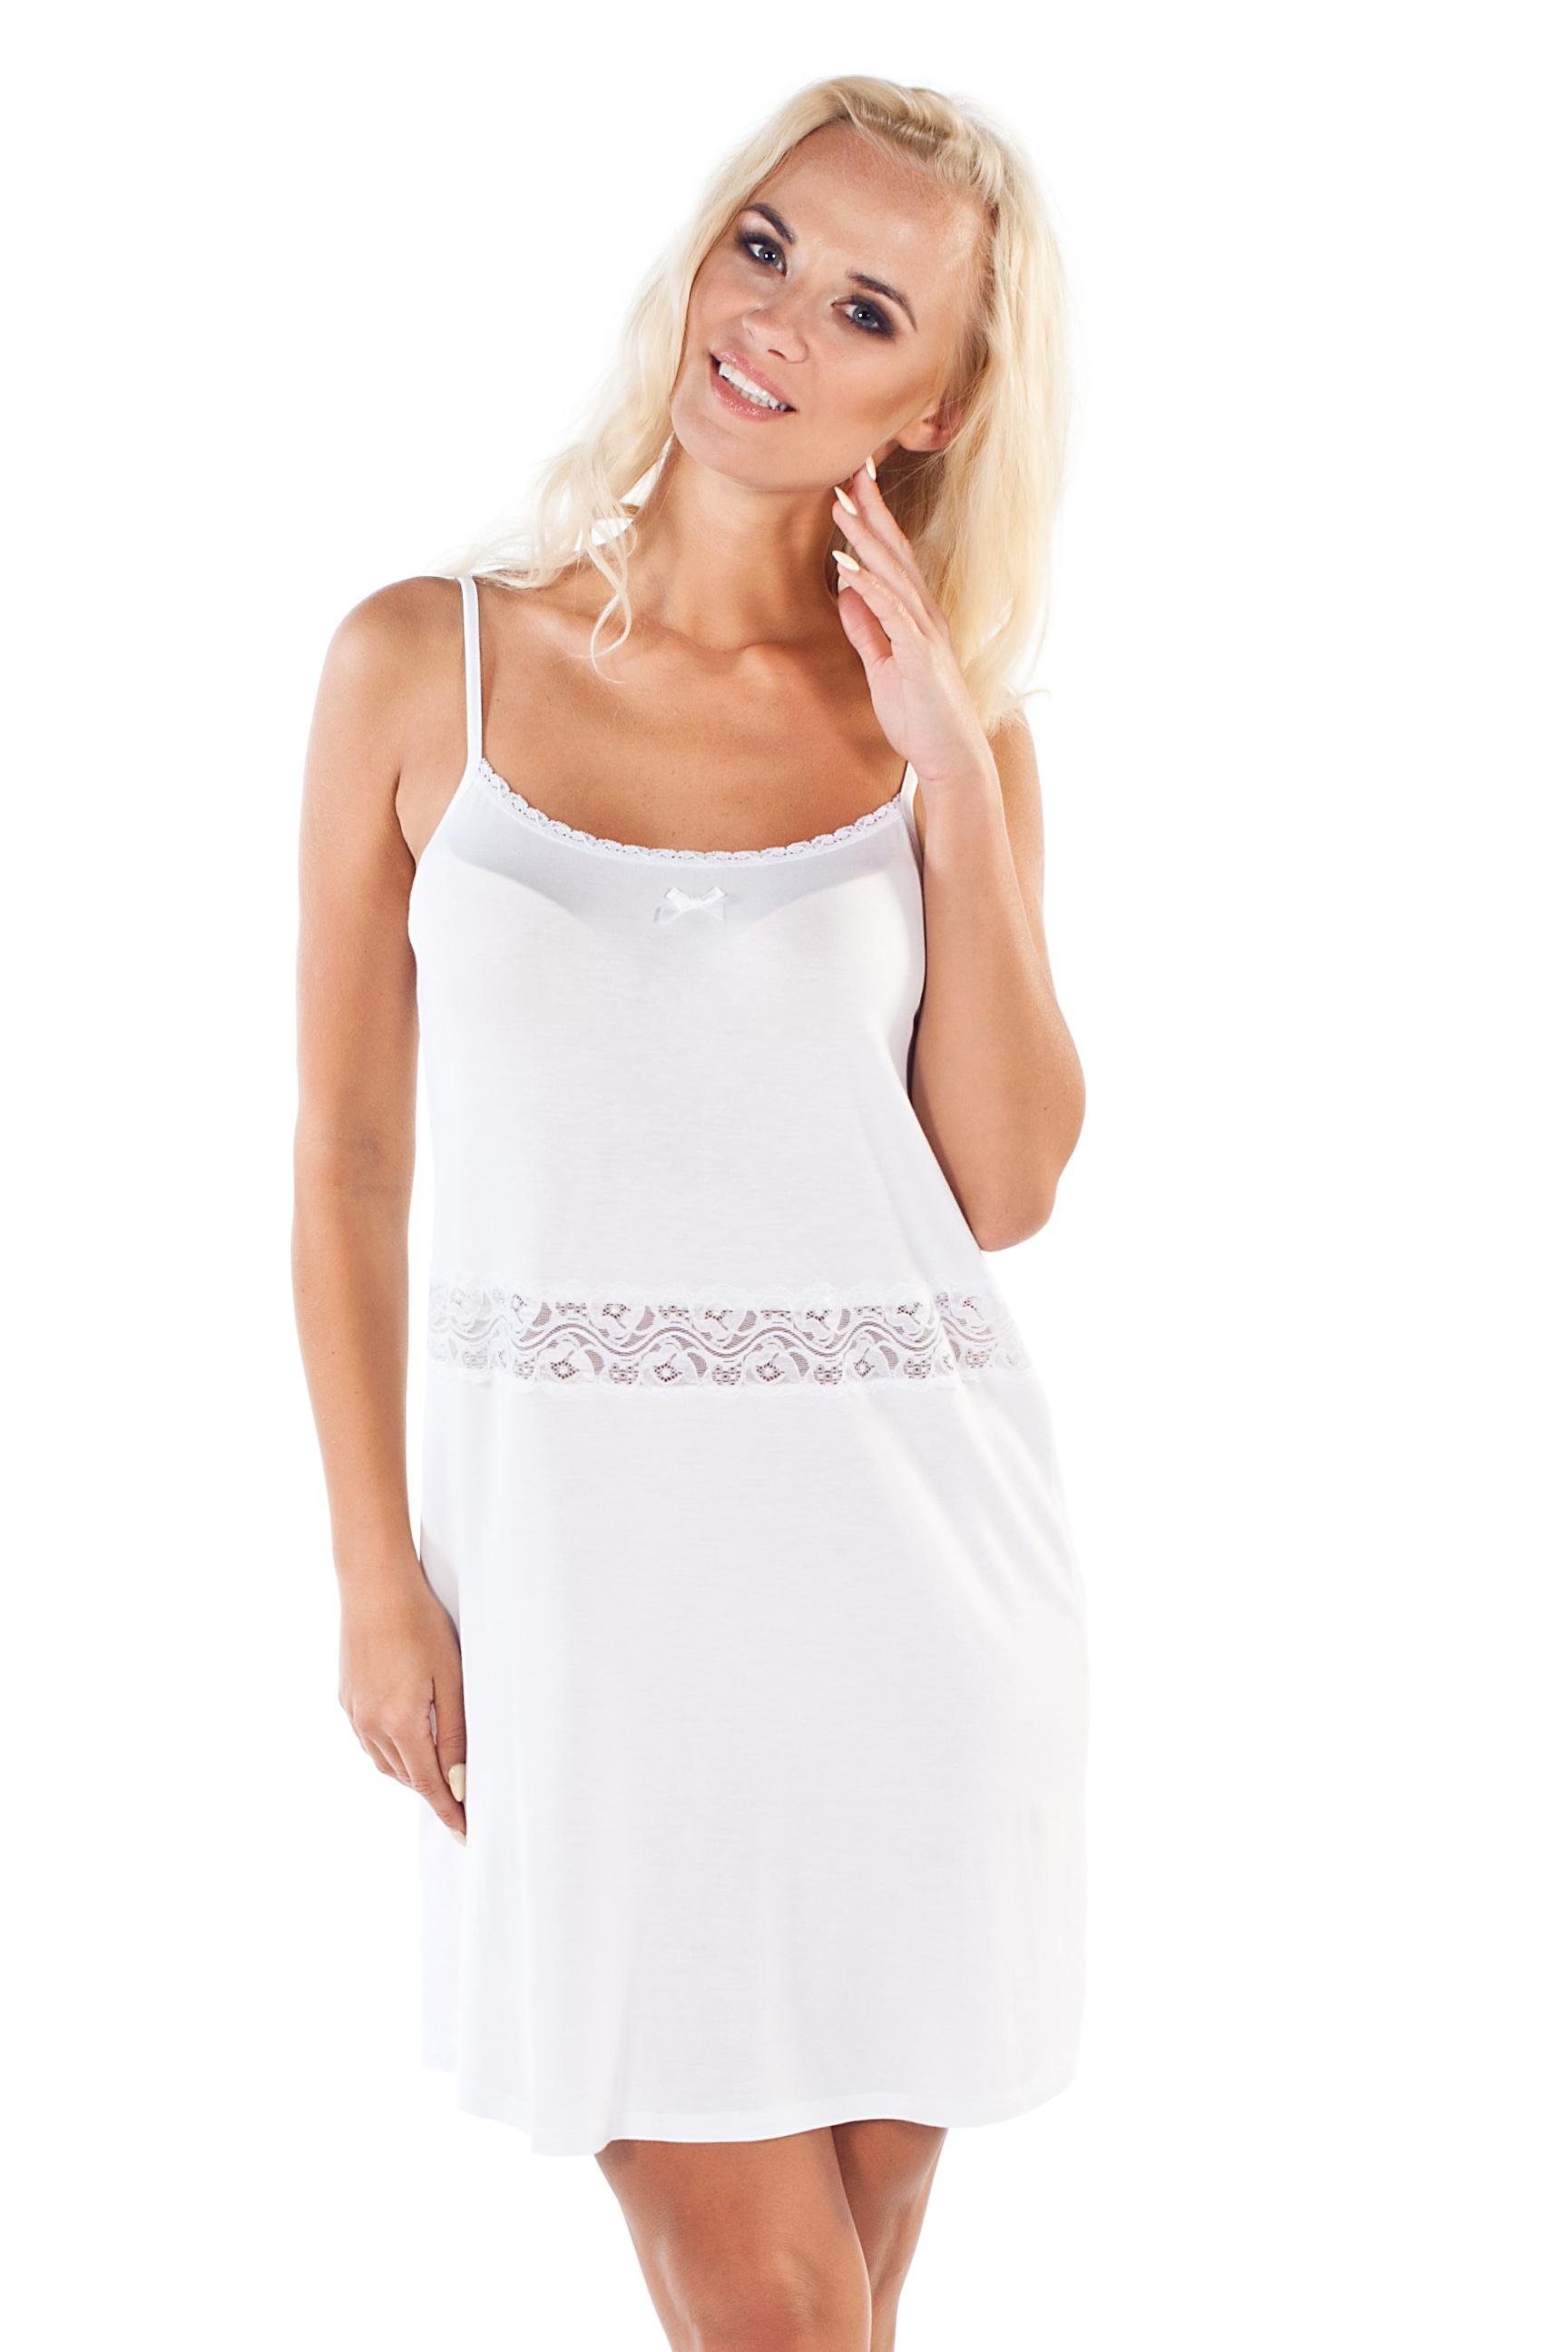 c435f0887719 Dámska nočná košieľka Madam biela - ELEGANT.sk